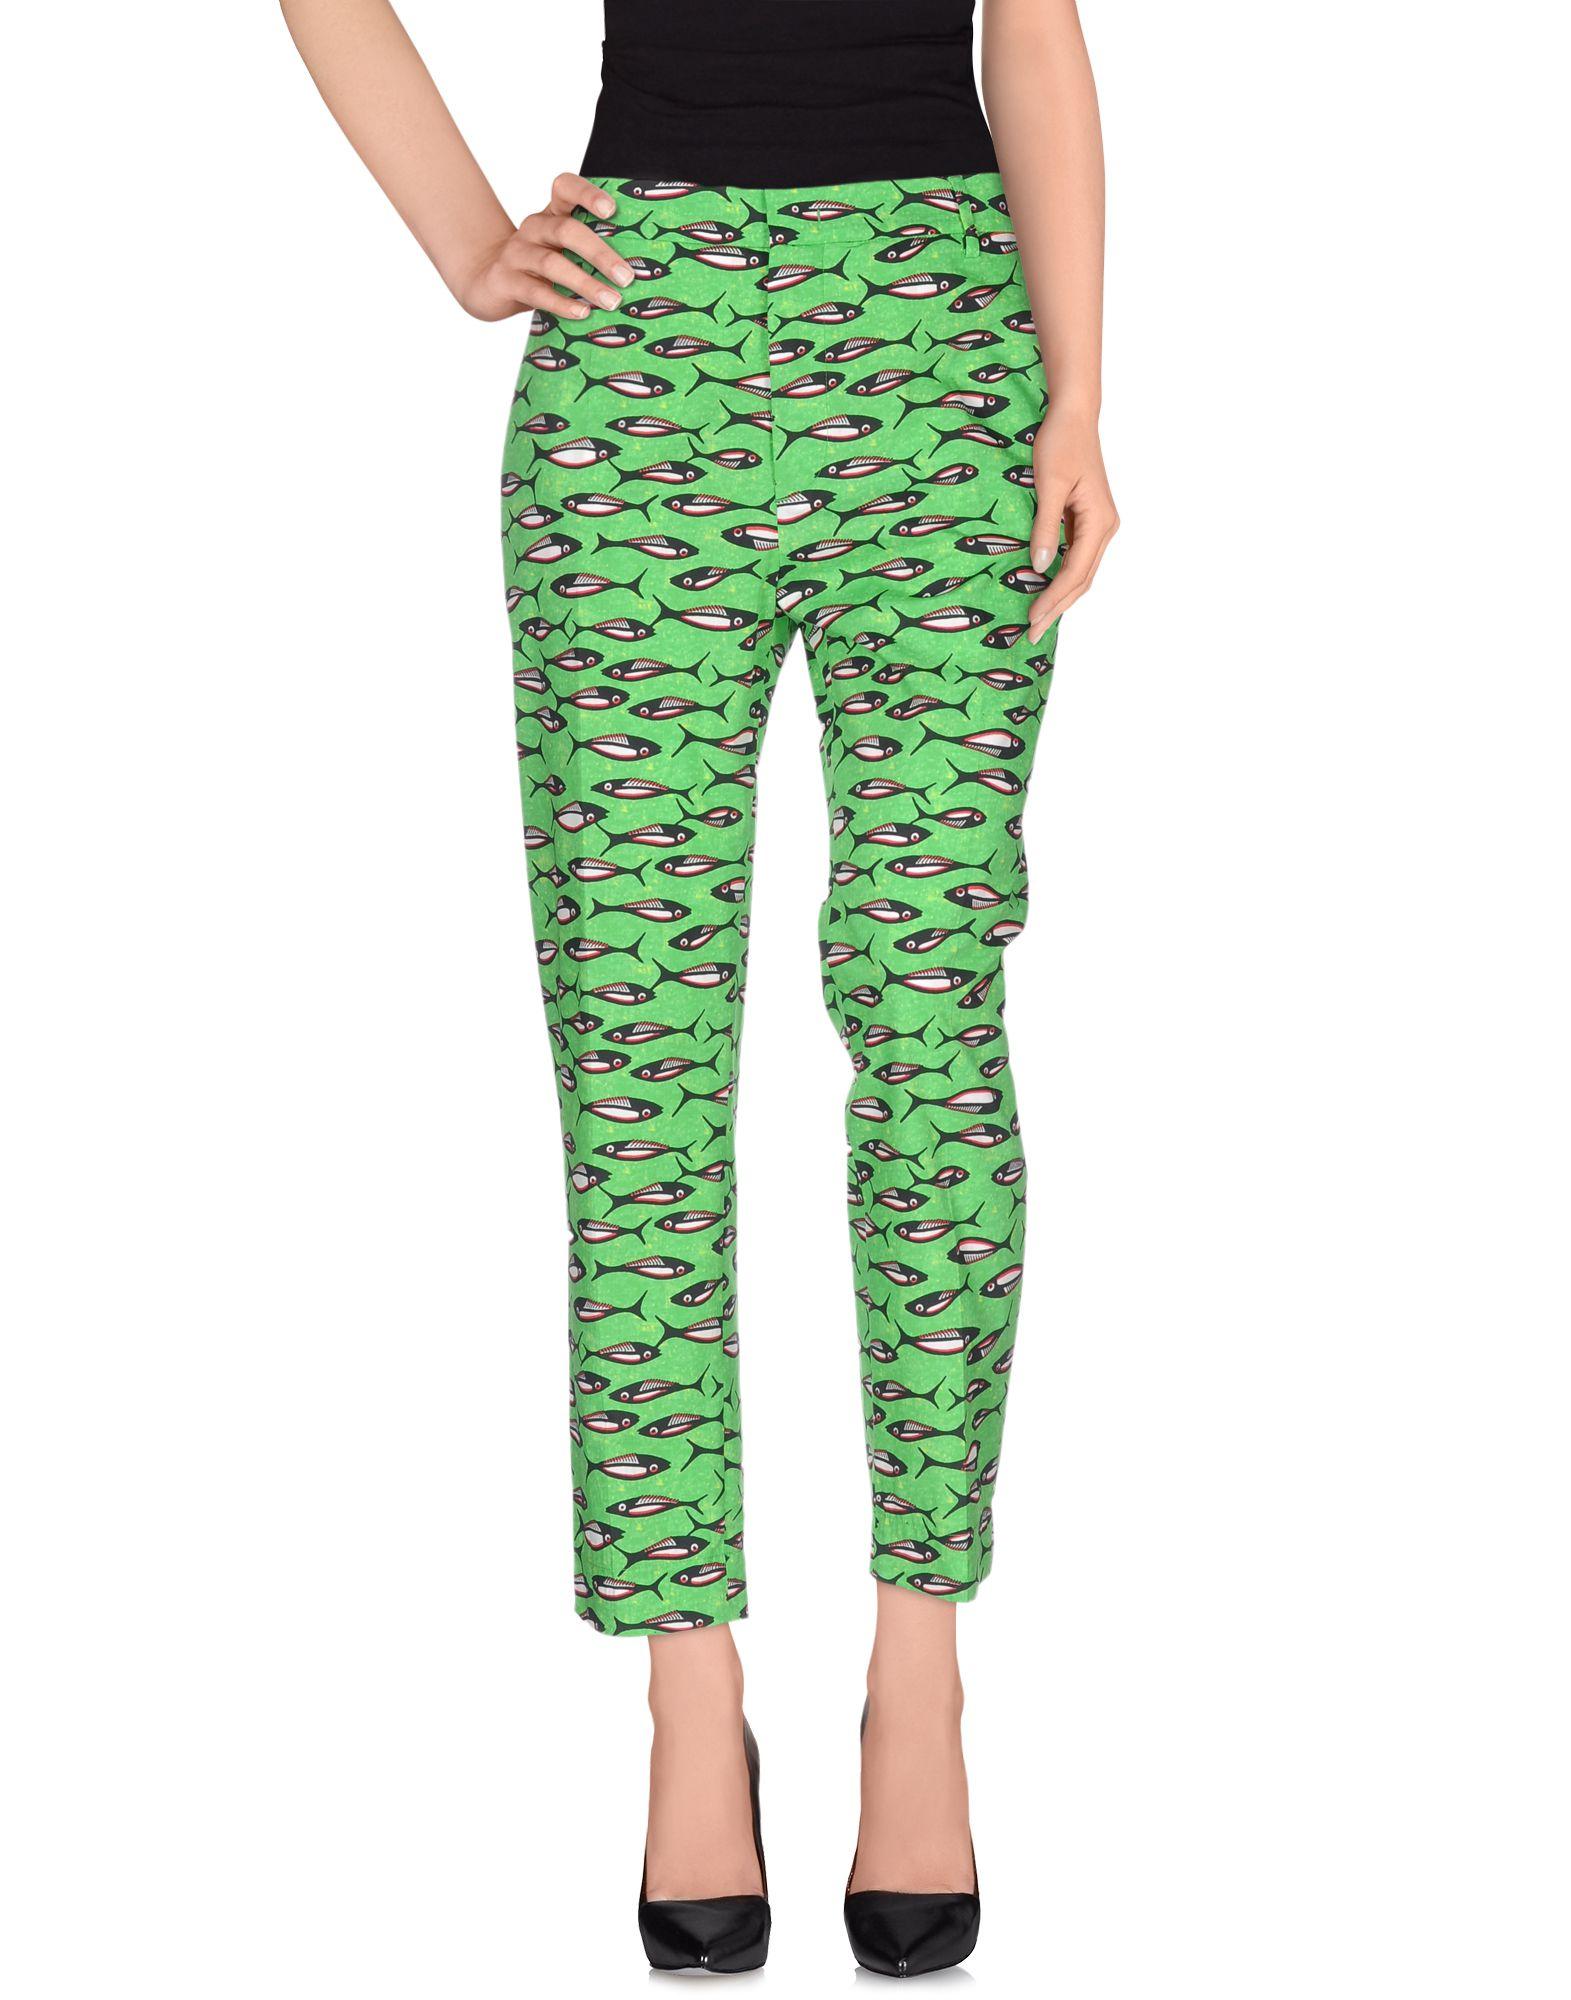 STELLA JEAN Damen Hose Farbe Grün Größe 5